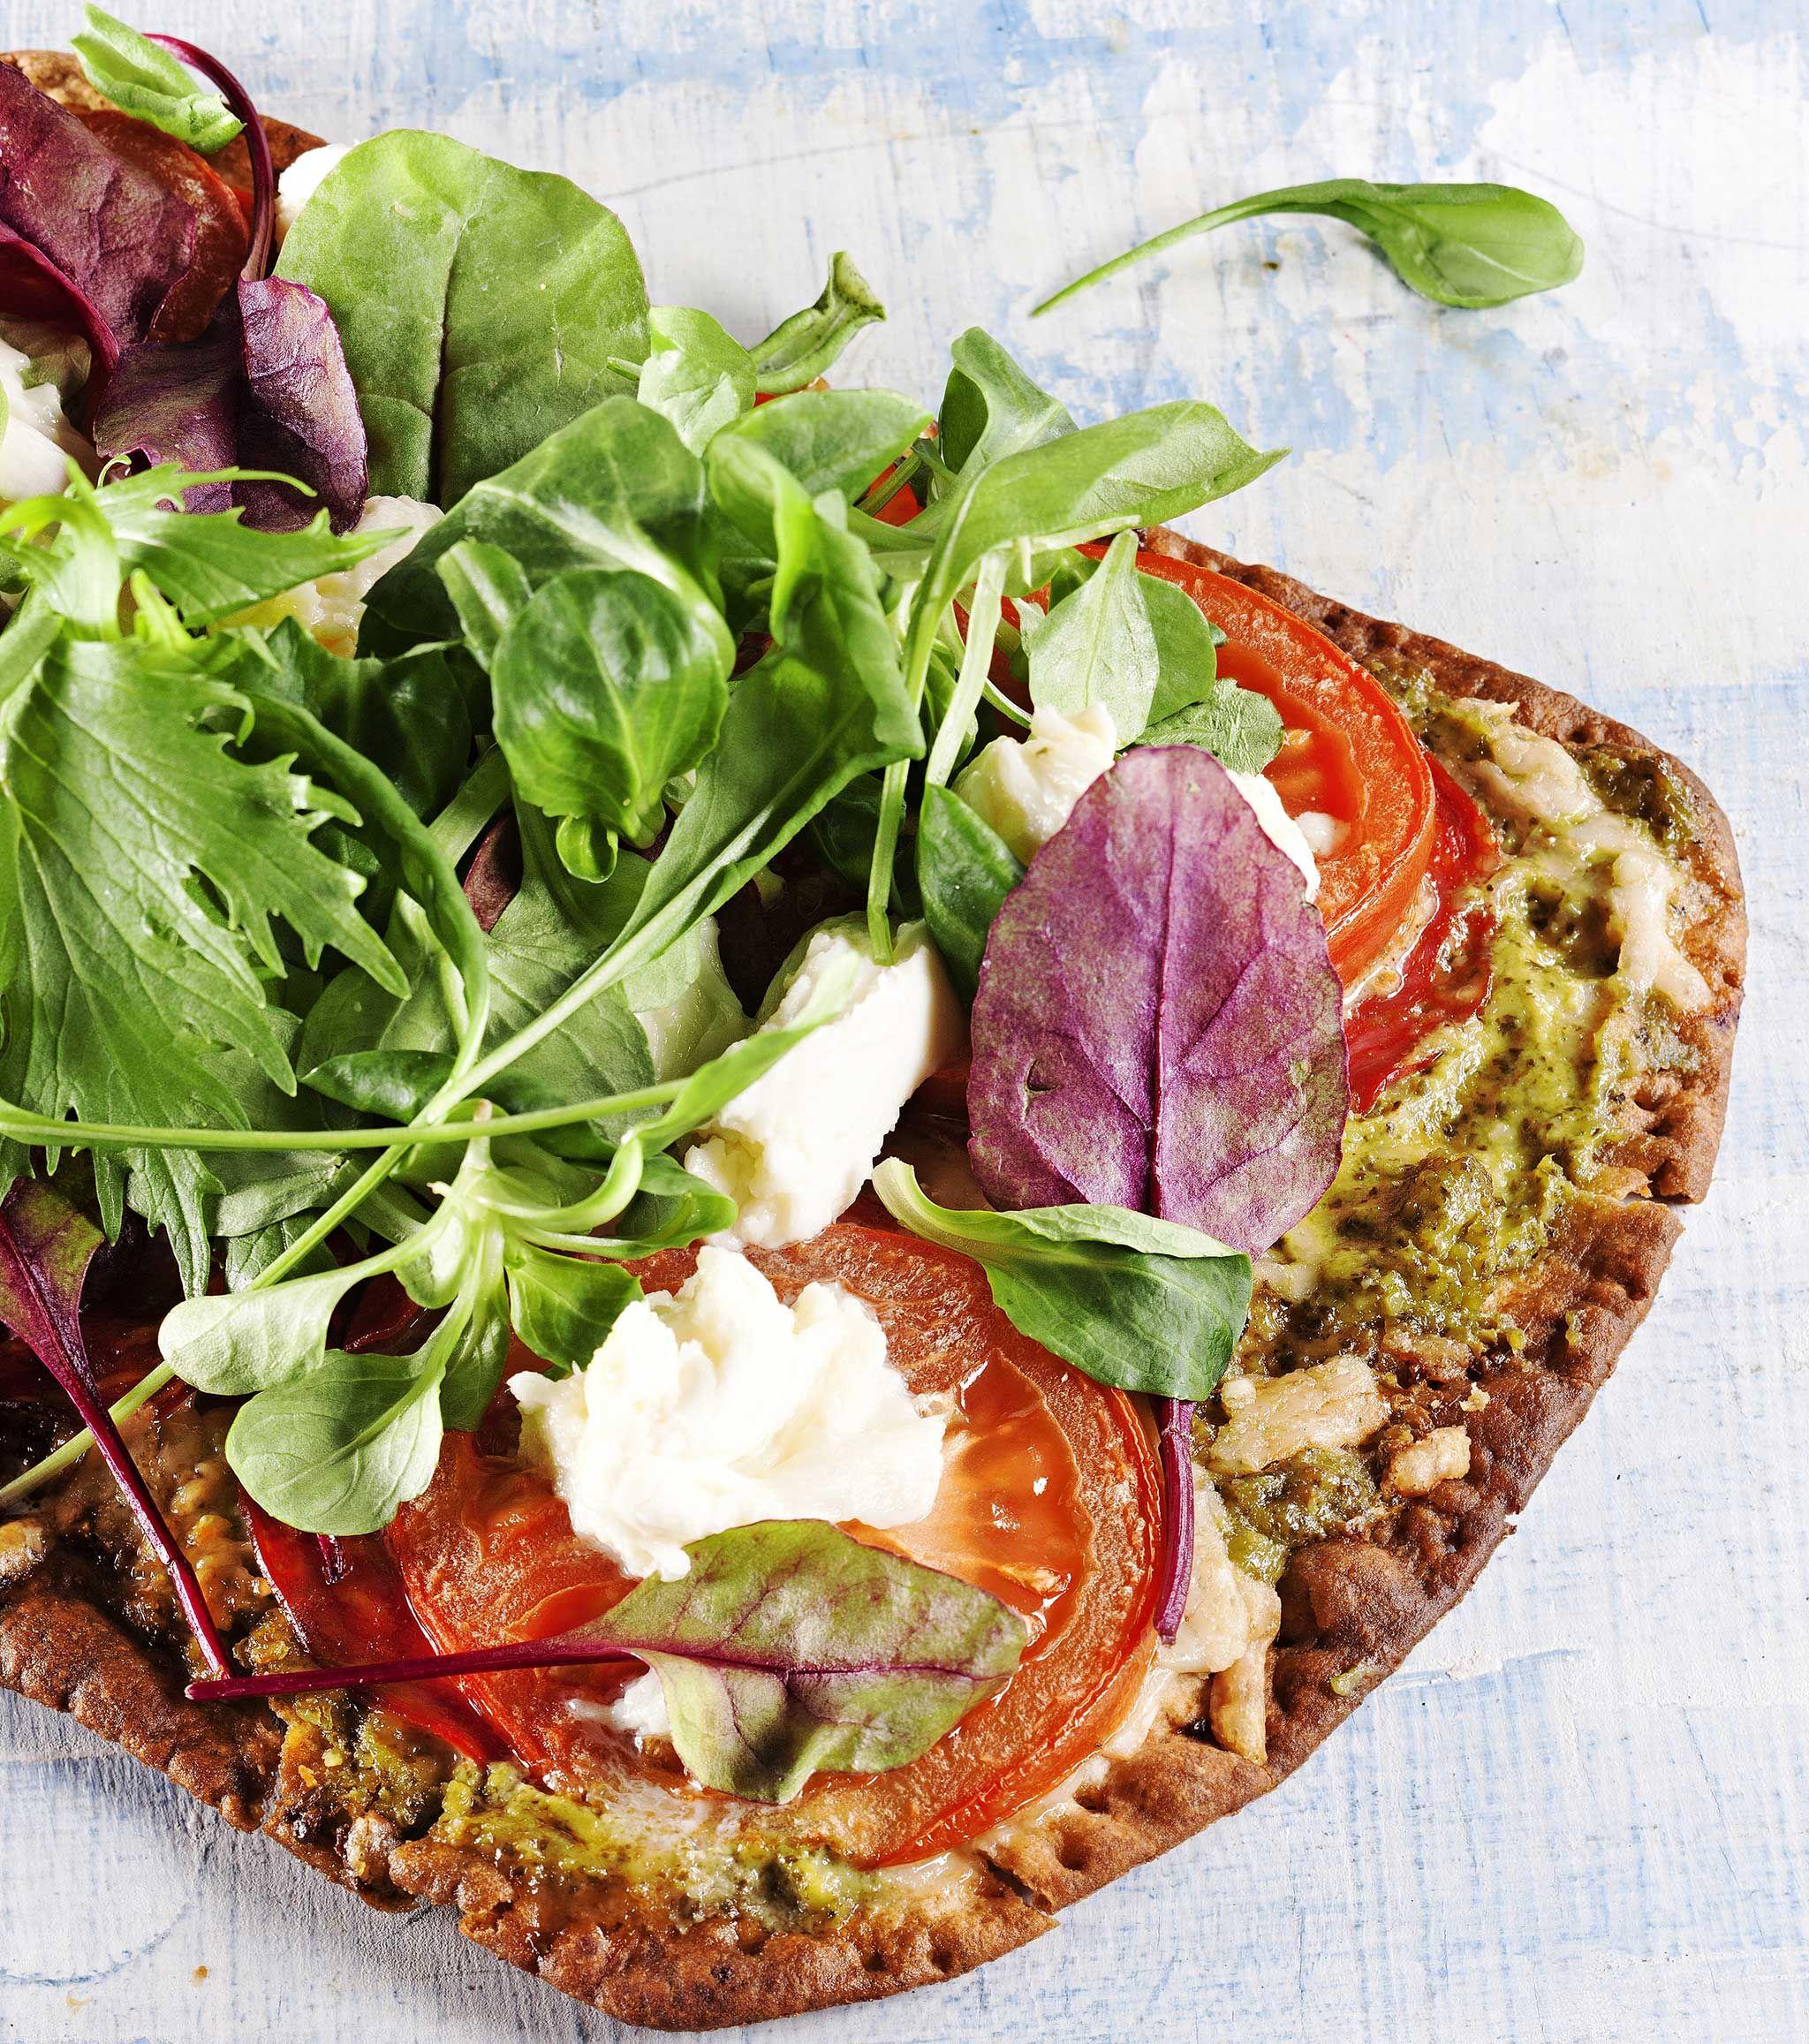 Rieskapizzat syntyvät nopeasti ja helposti. Pikapizzan pohjana on lapinrieskaa. Tuoreet täytteet tekevät pizzasta raikkaan. 1. Nosta rieskat leivinpaperilla peitetyille uunipelleille. 2. Levitä joka...